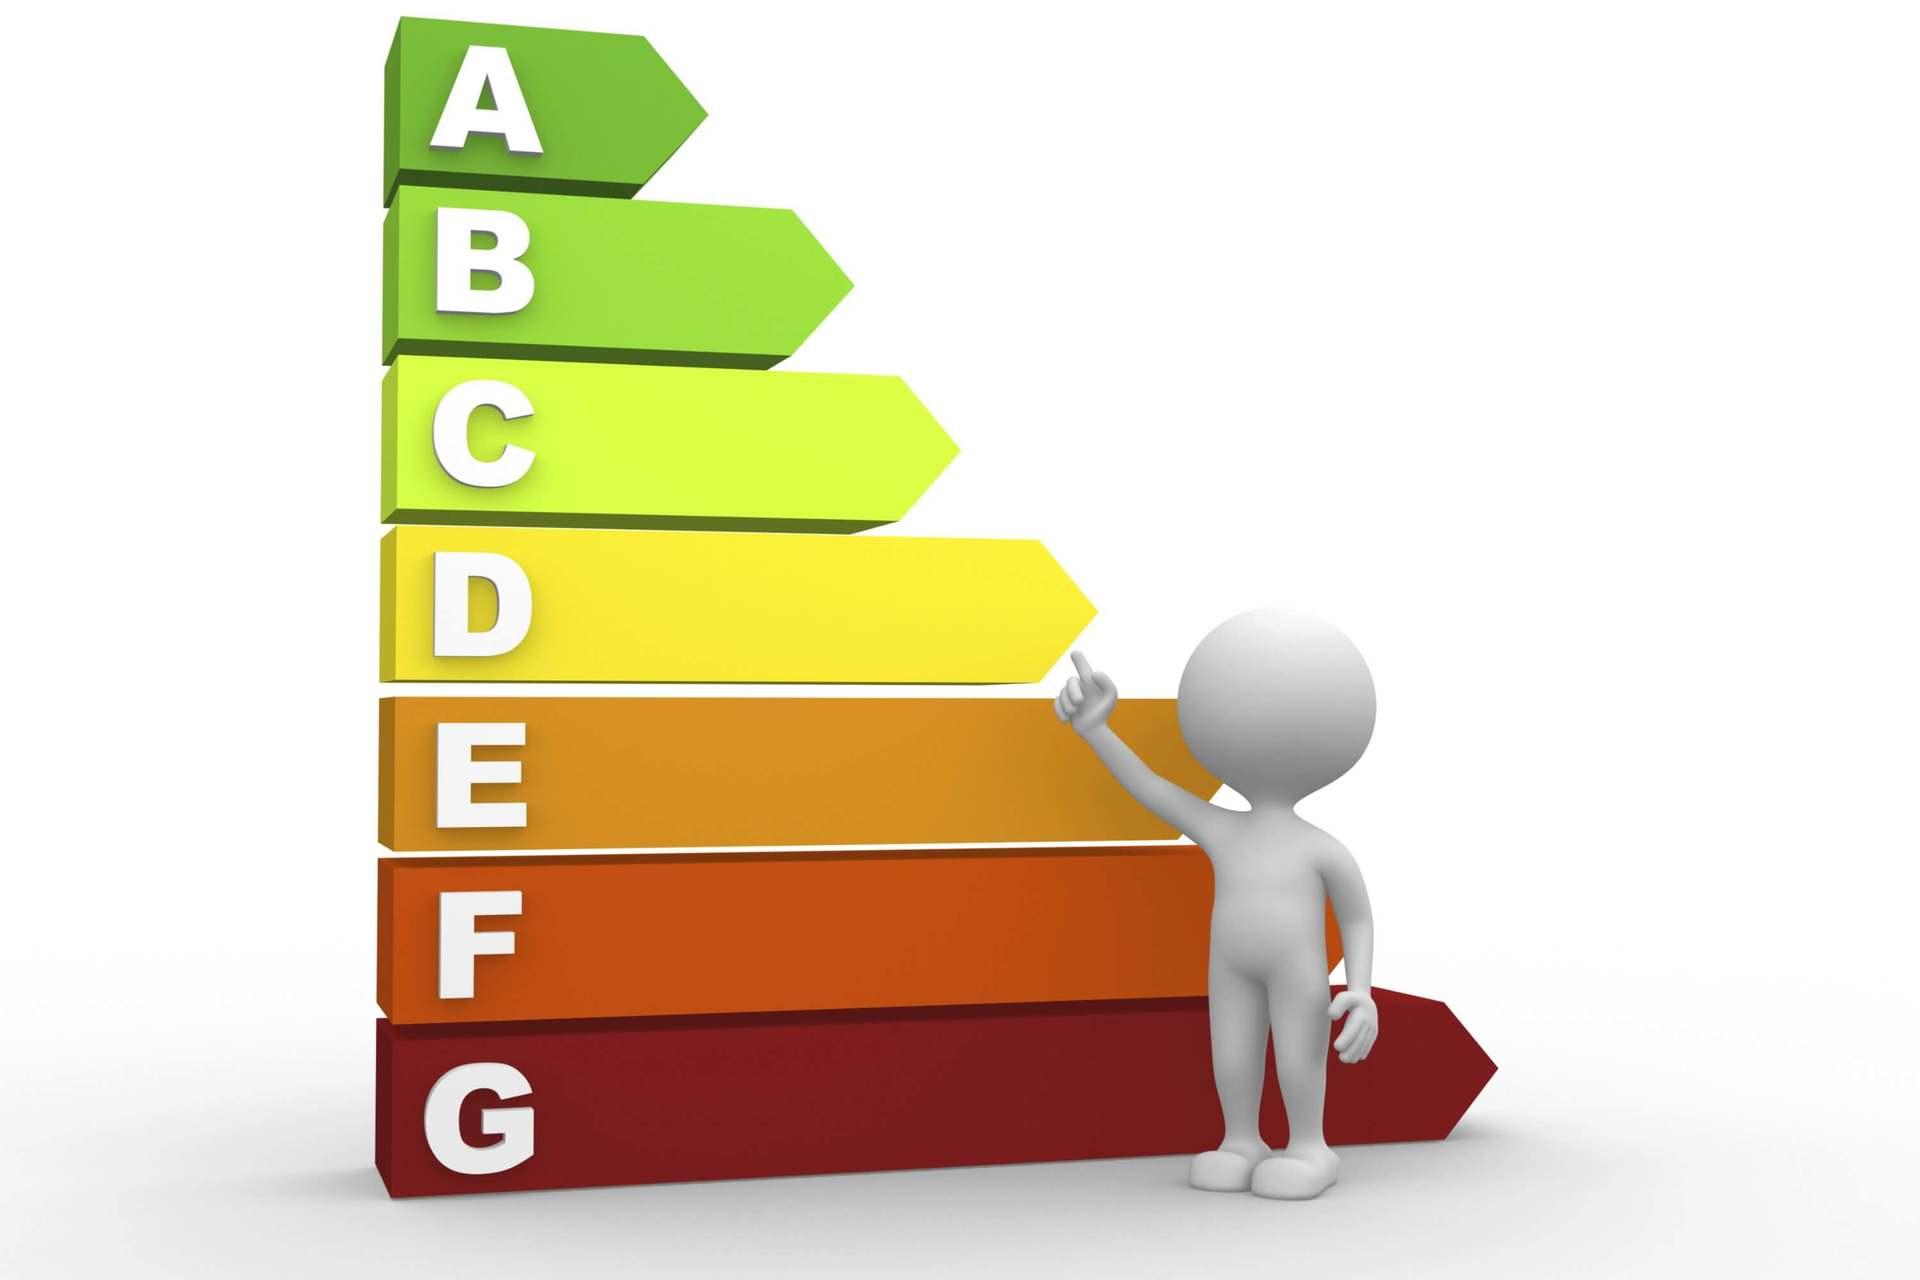 Nye regler og krav til energioptimeringer